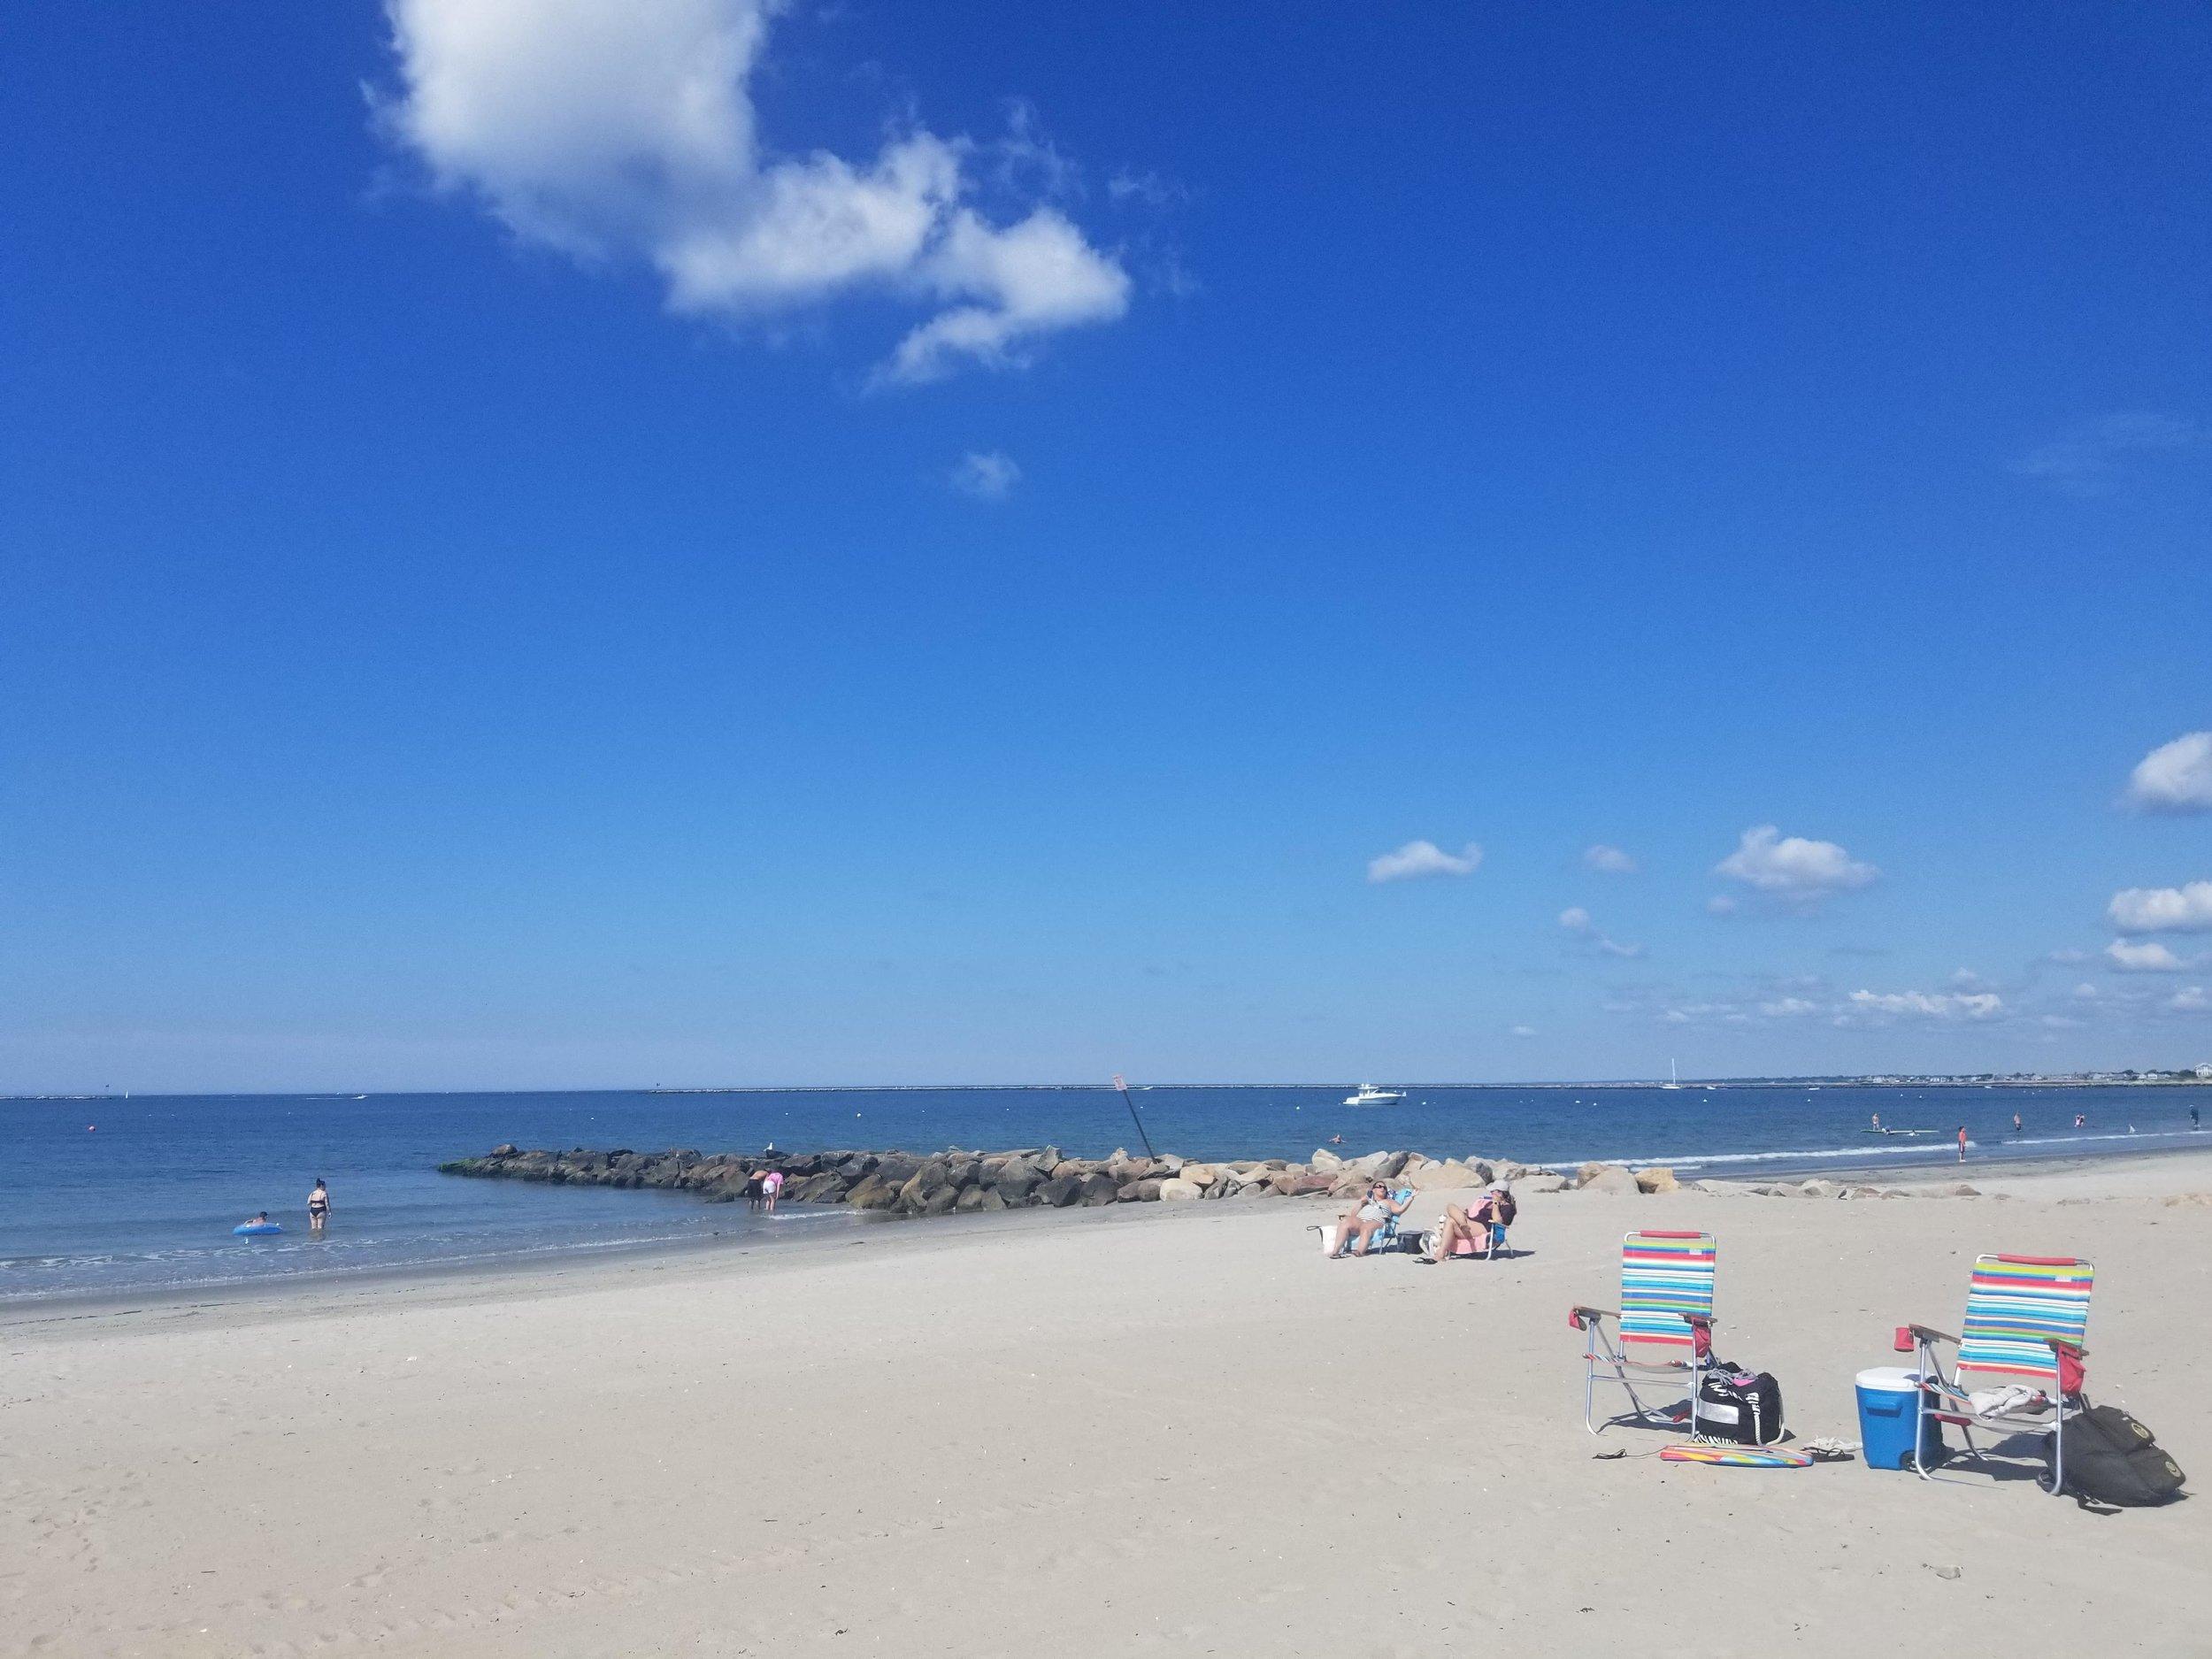 Roger Wheeler Beach in South Kingstown, Rhode Island